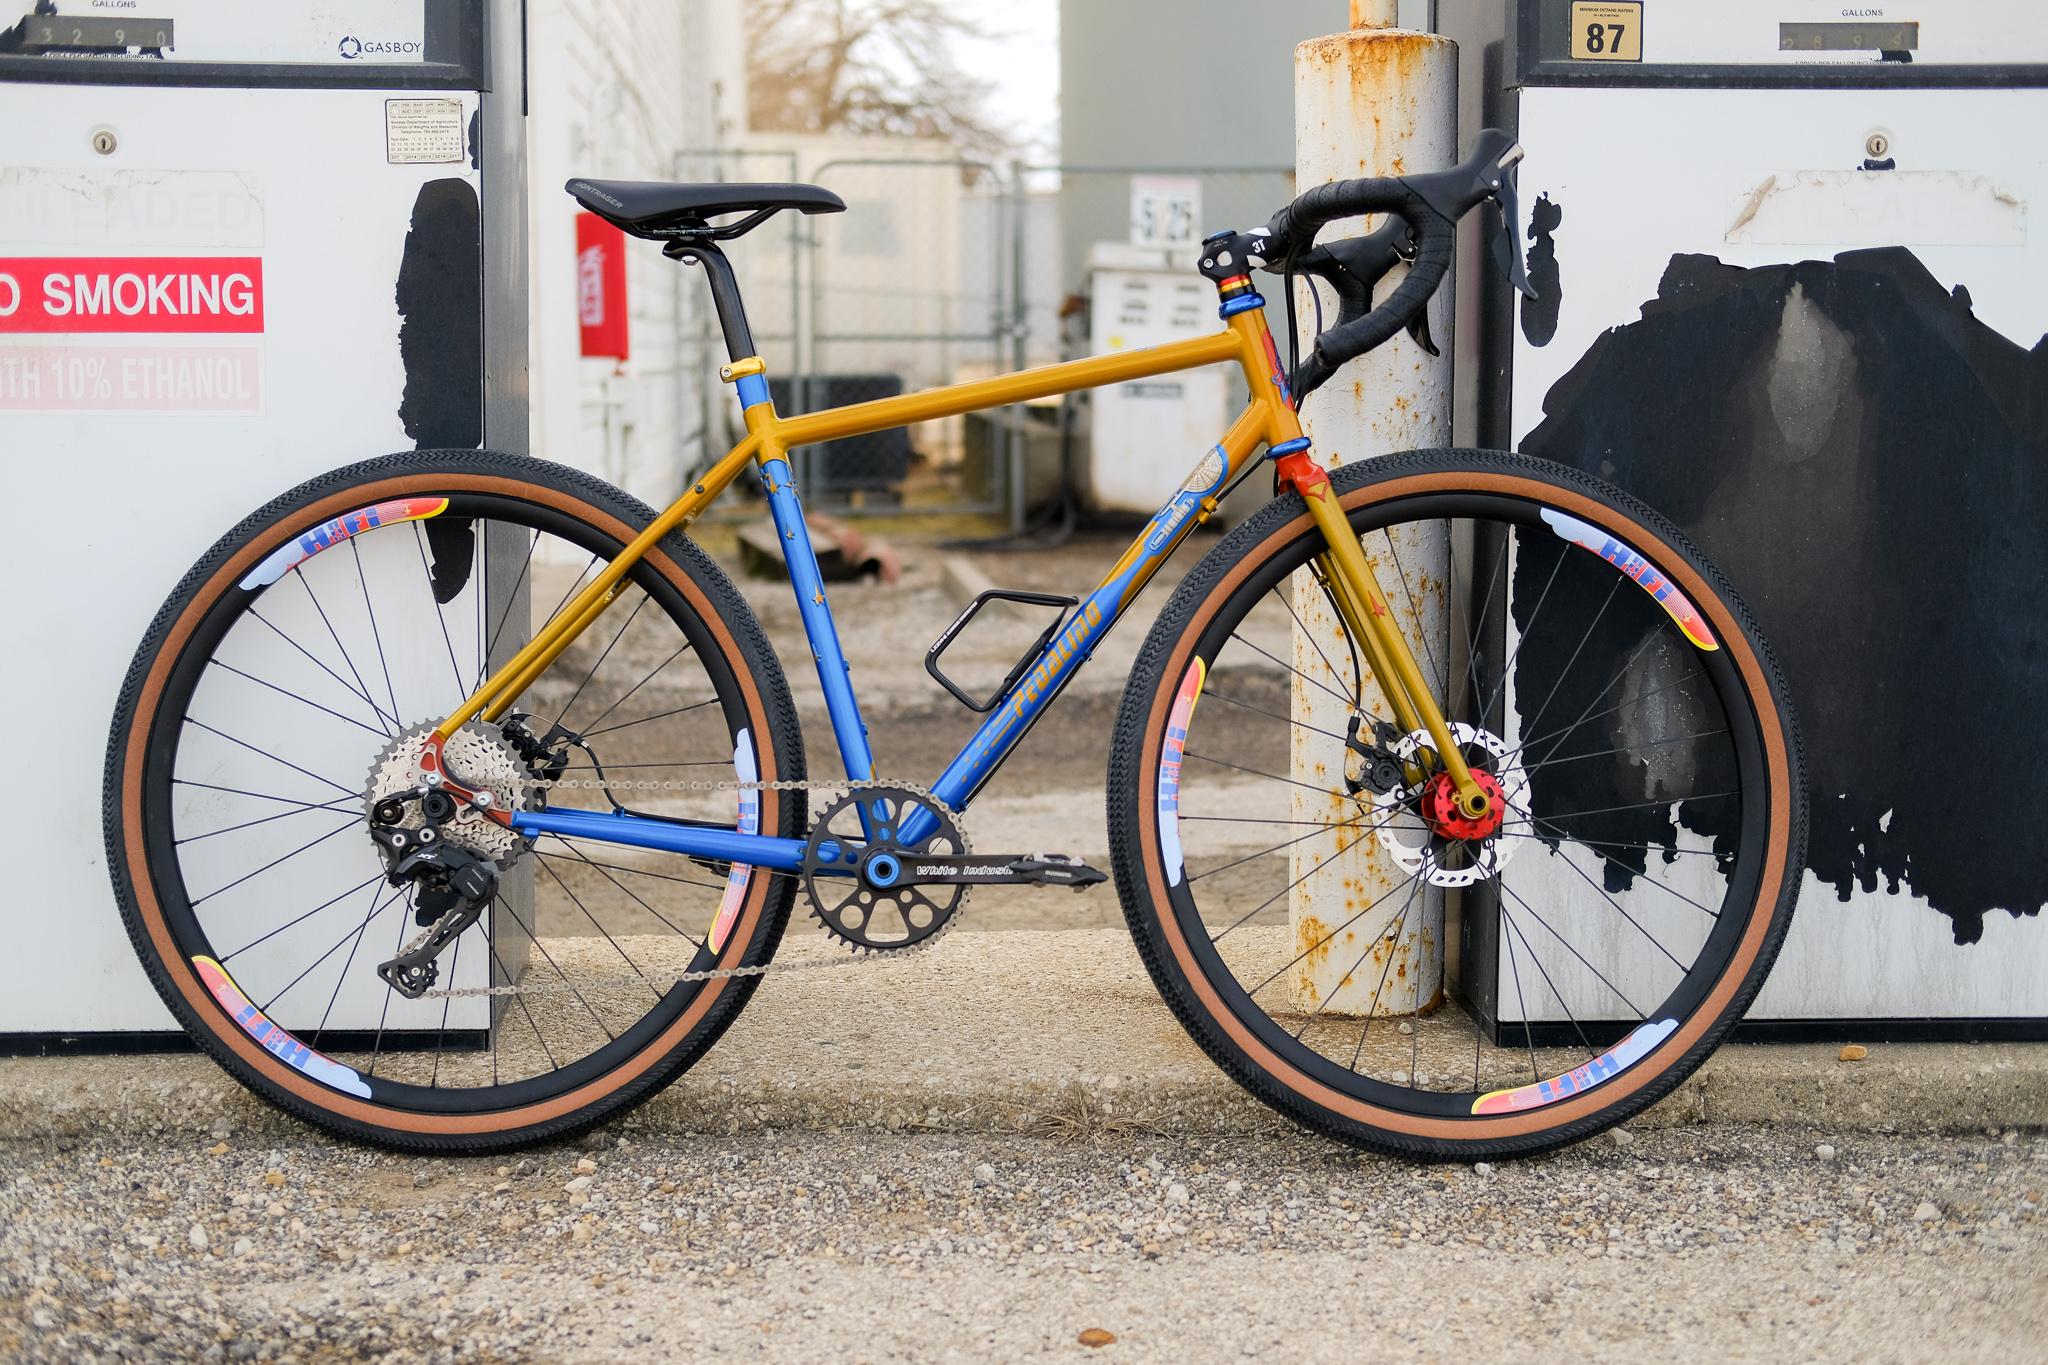 2018-02-18 Beth Morford Pedalino Bike Fuji Jpeg-176.jpg